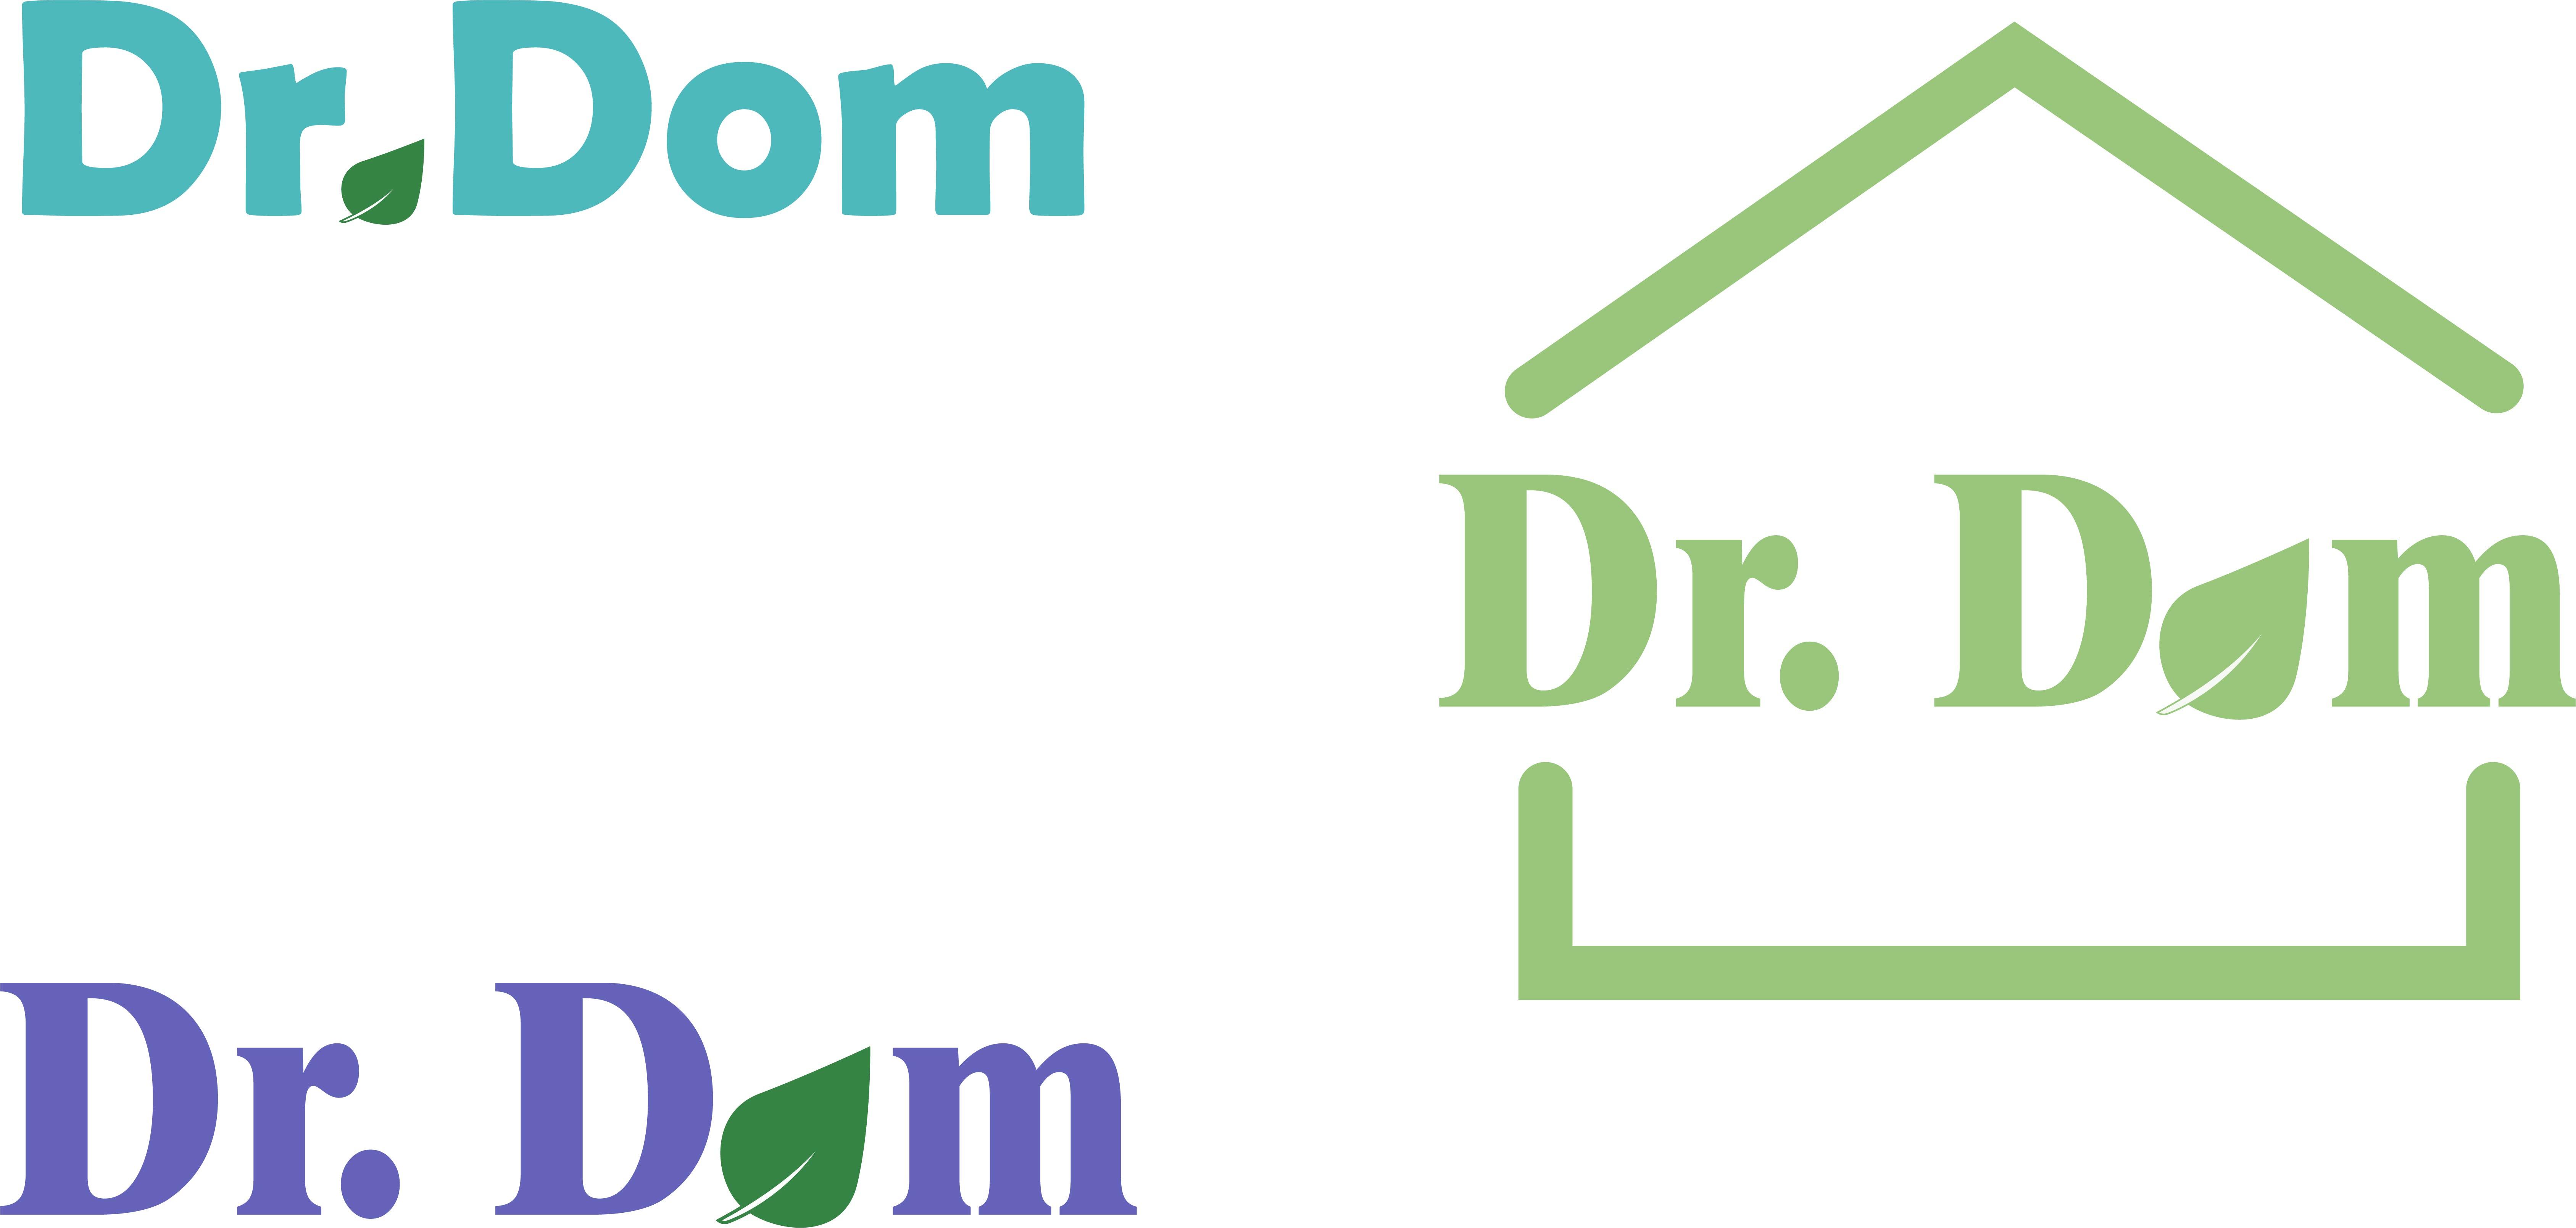 Разработать логотип для сети магазинов бытовой химии и товаров для уборки фото f_7395fff034103846.jpg